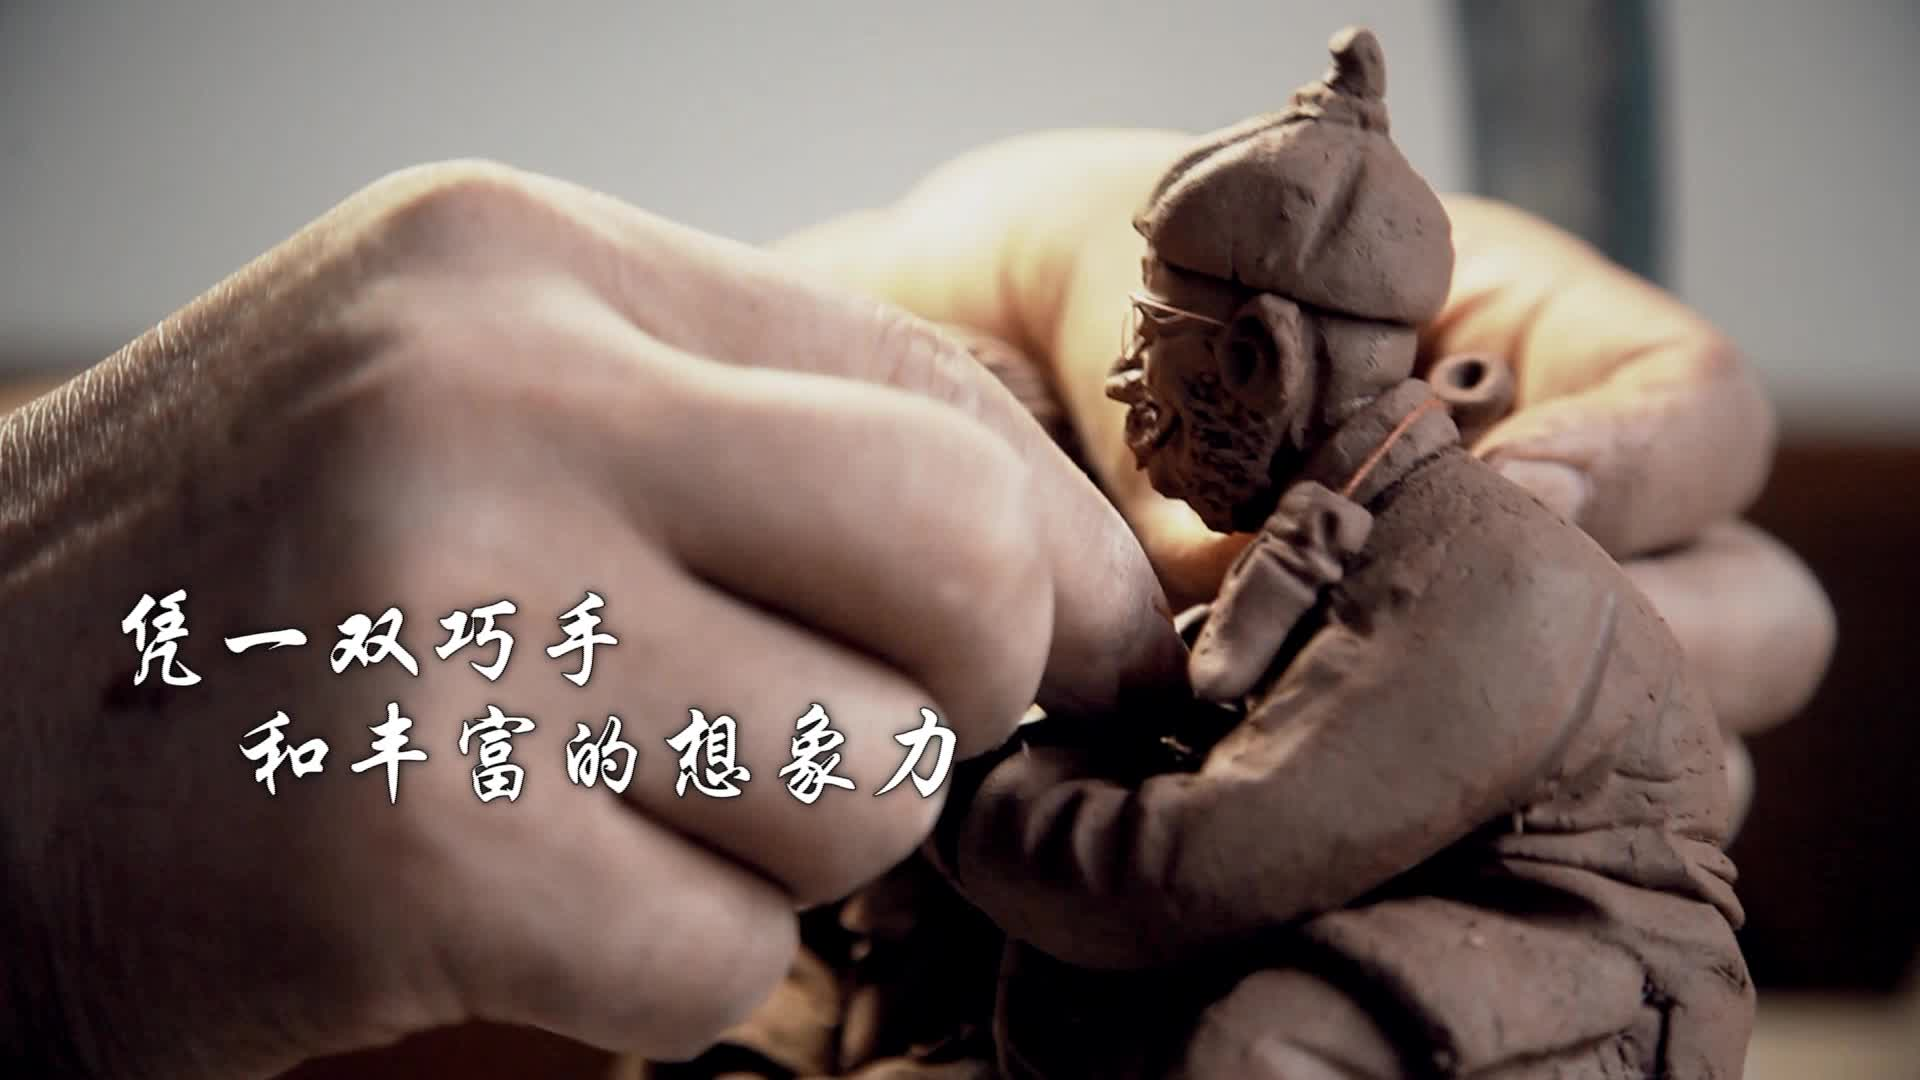 绽放:感悟匠心 泥塑大师苗春生再现关中情 06